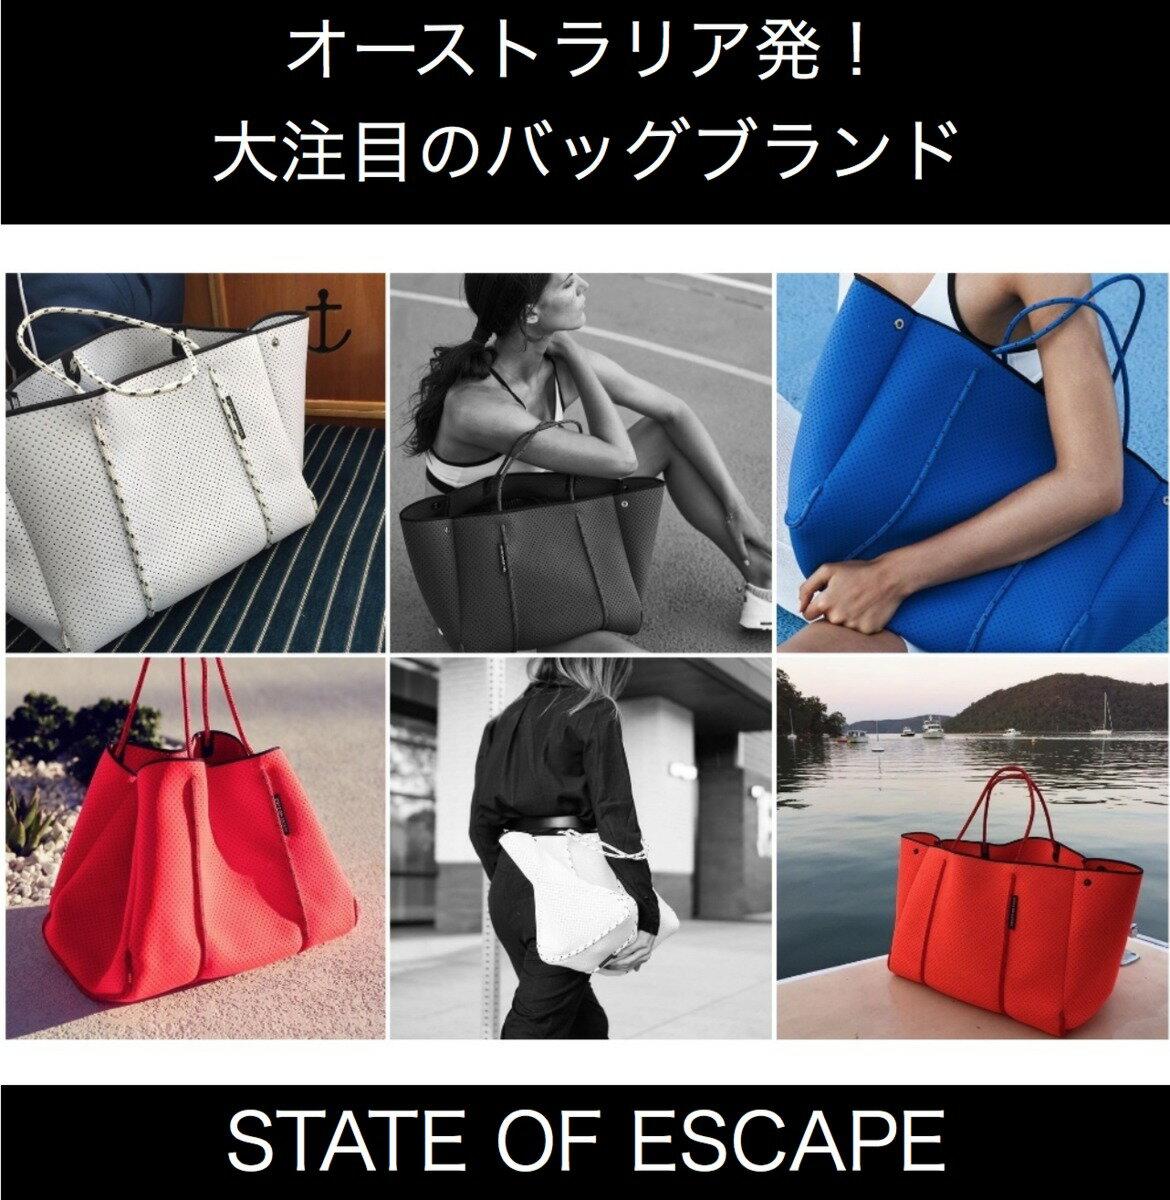 【楽天市場】ステイト オブ エスケープ ESCAPE BAG State Of Escape ビーチ ESCAPE